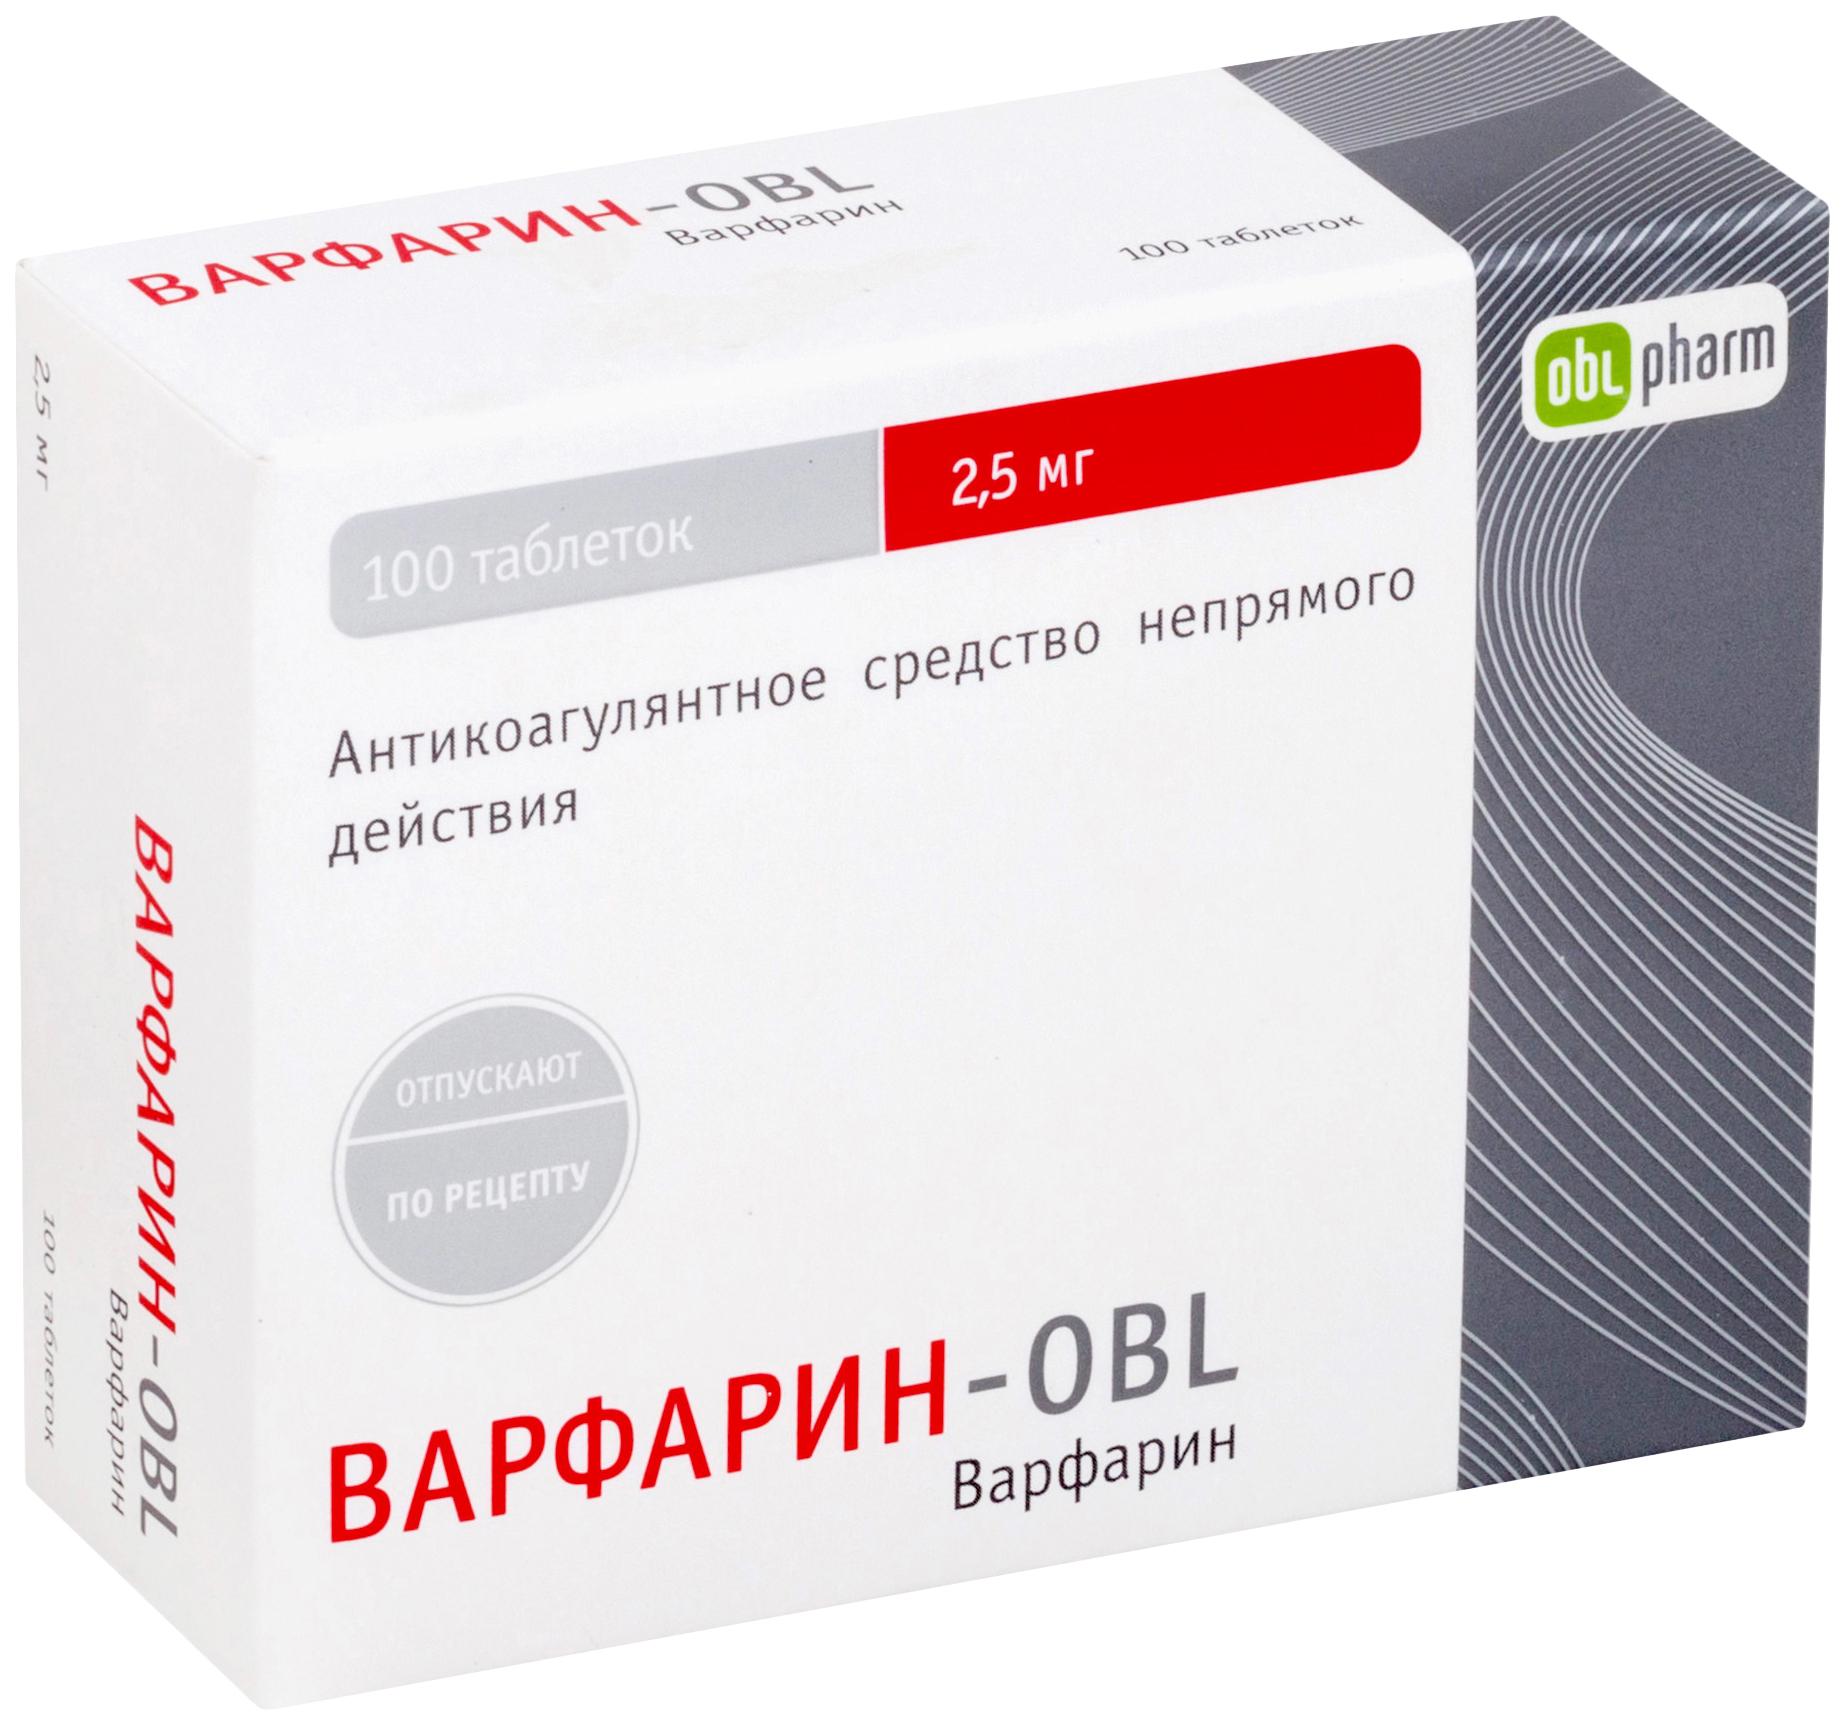 Варфарин OBL таблетки 2,5 мг 100 шт.